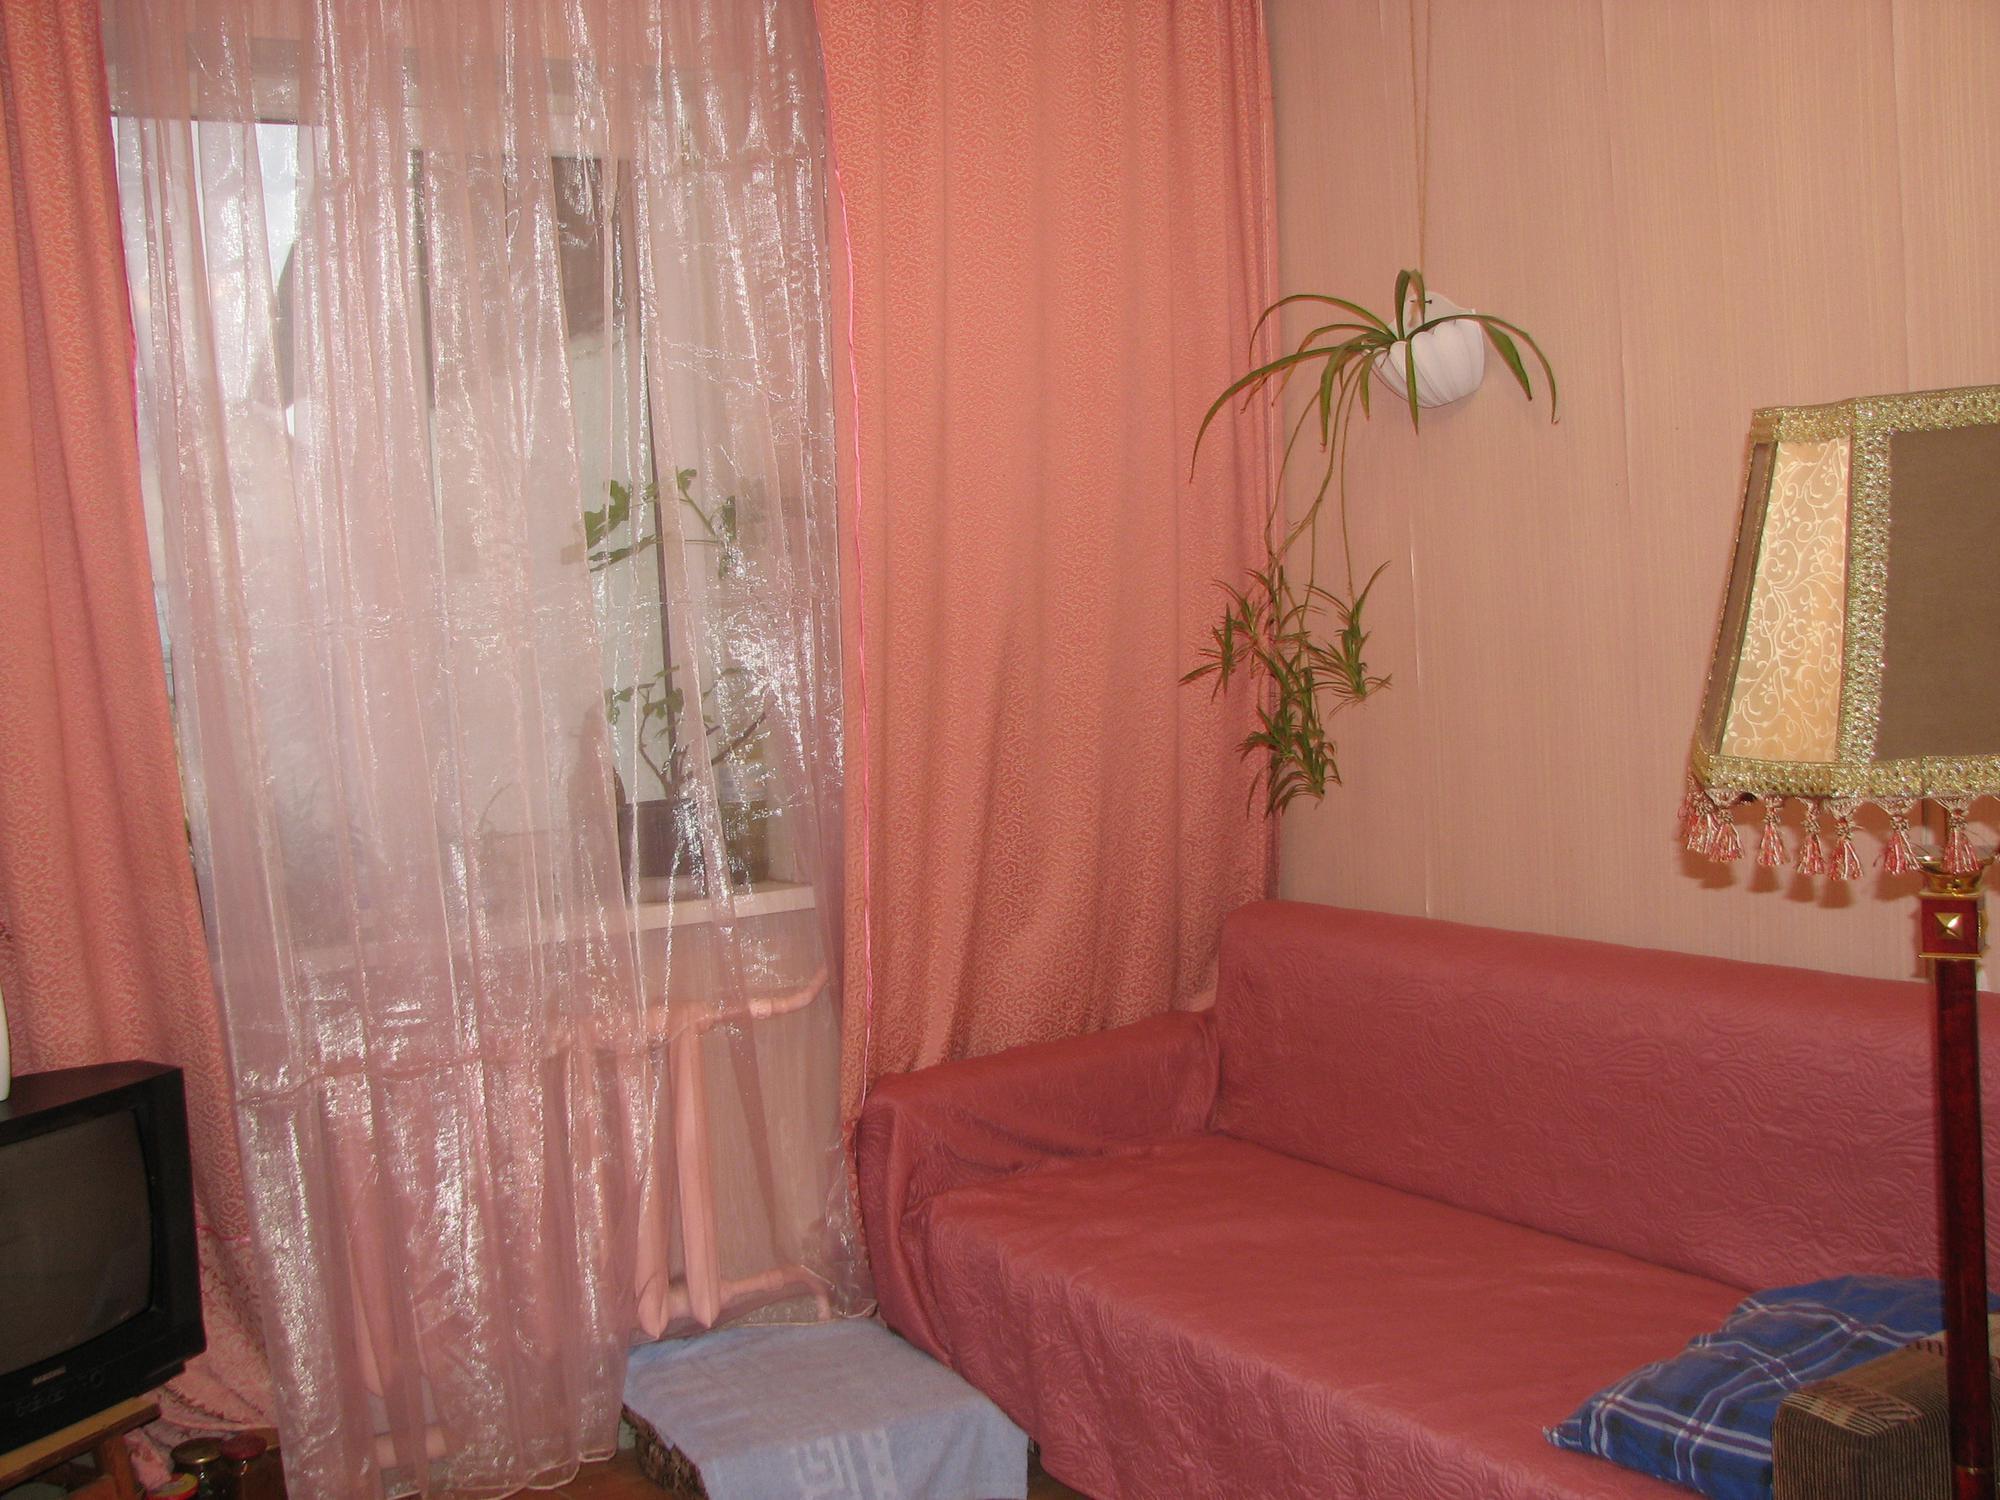 Продам ? пол дома, г. Киев                               в р-не Виноградарь                                 фото